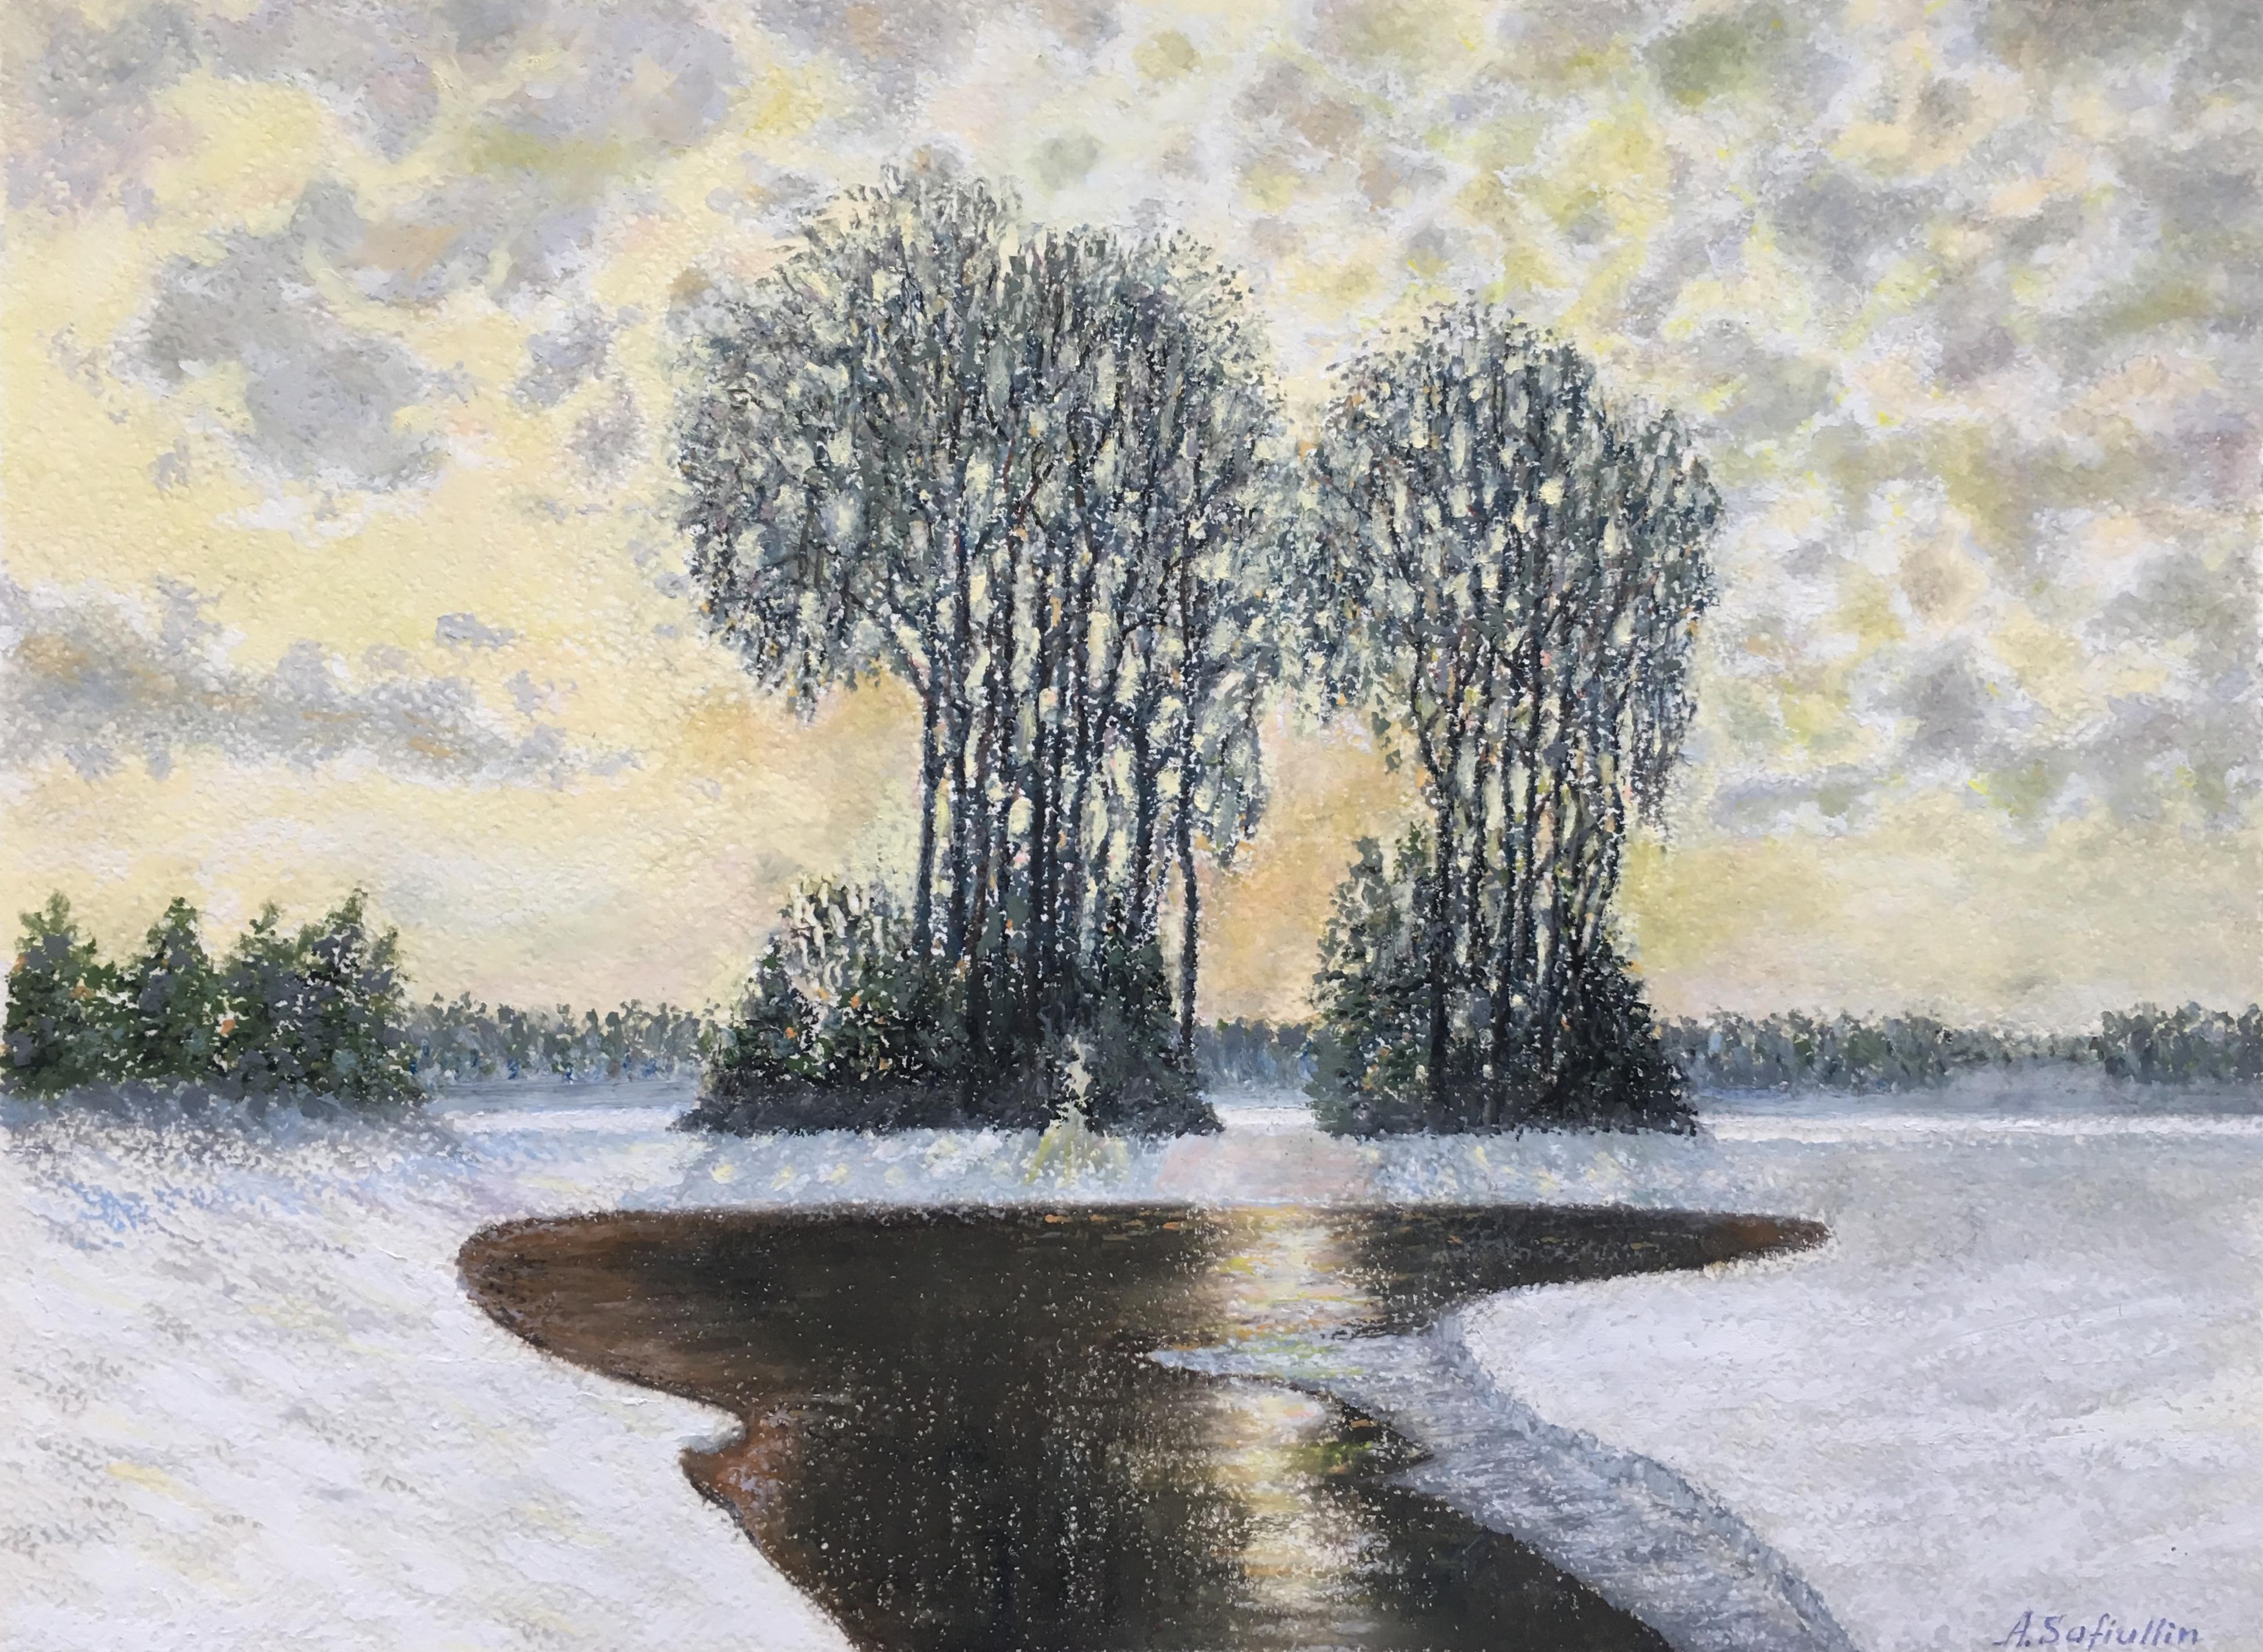 Зимний пейзаж весна пастель лес закат природа картина художник Альберт Сафиуллин